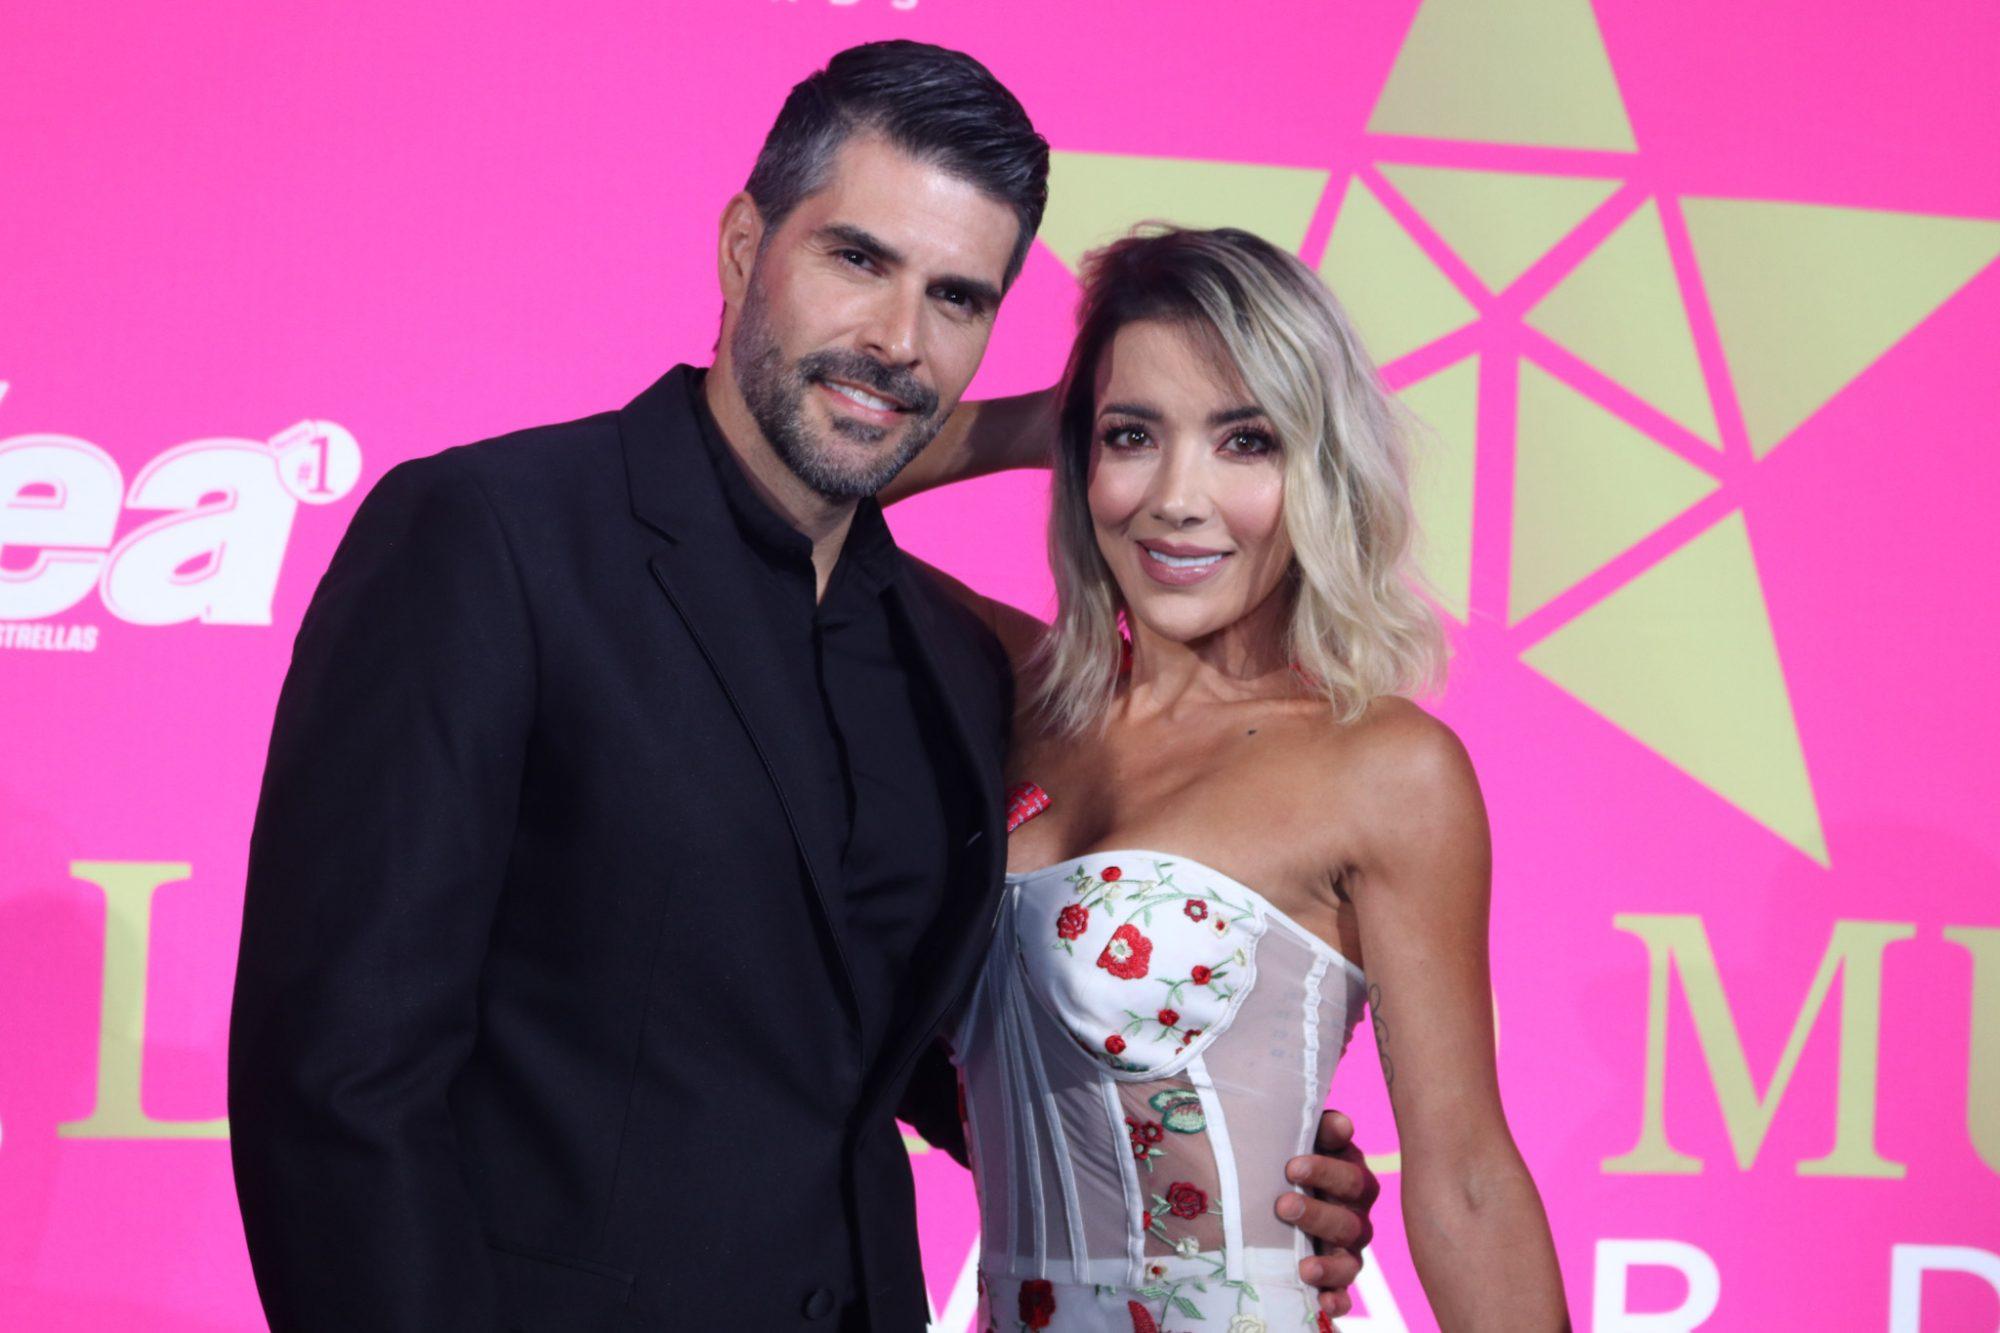 Juan Pablo Llano y Catalina Gomez Dijeron presente en el evento de nominación de los premios Latino Show en Miami